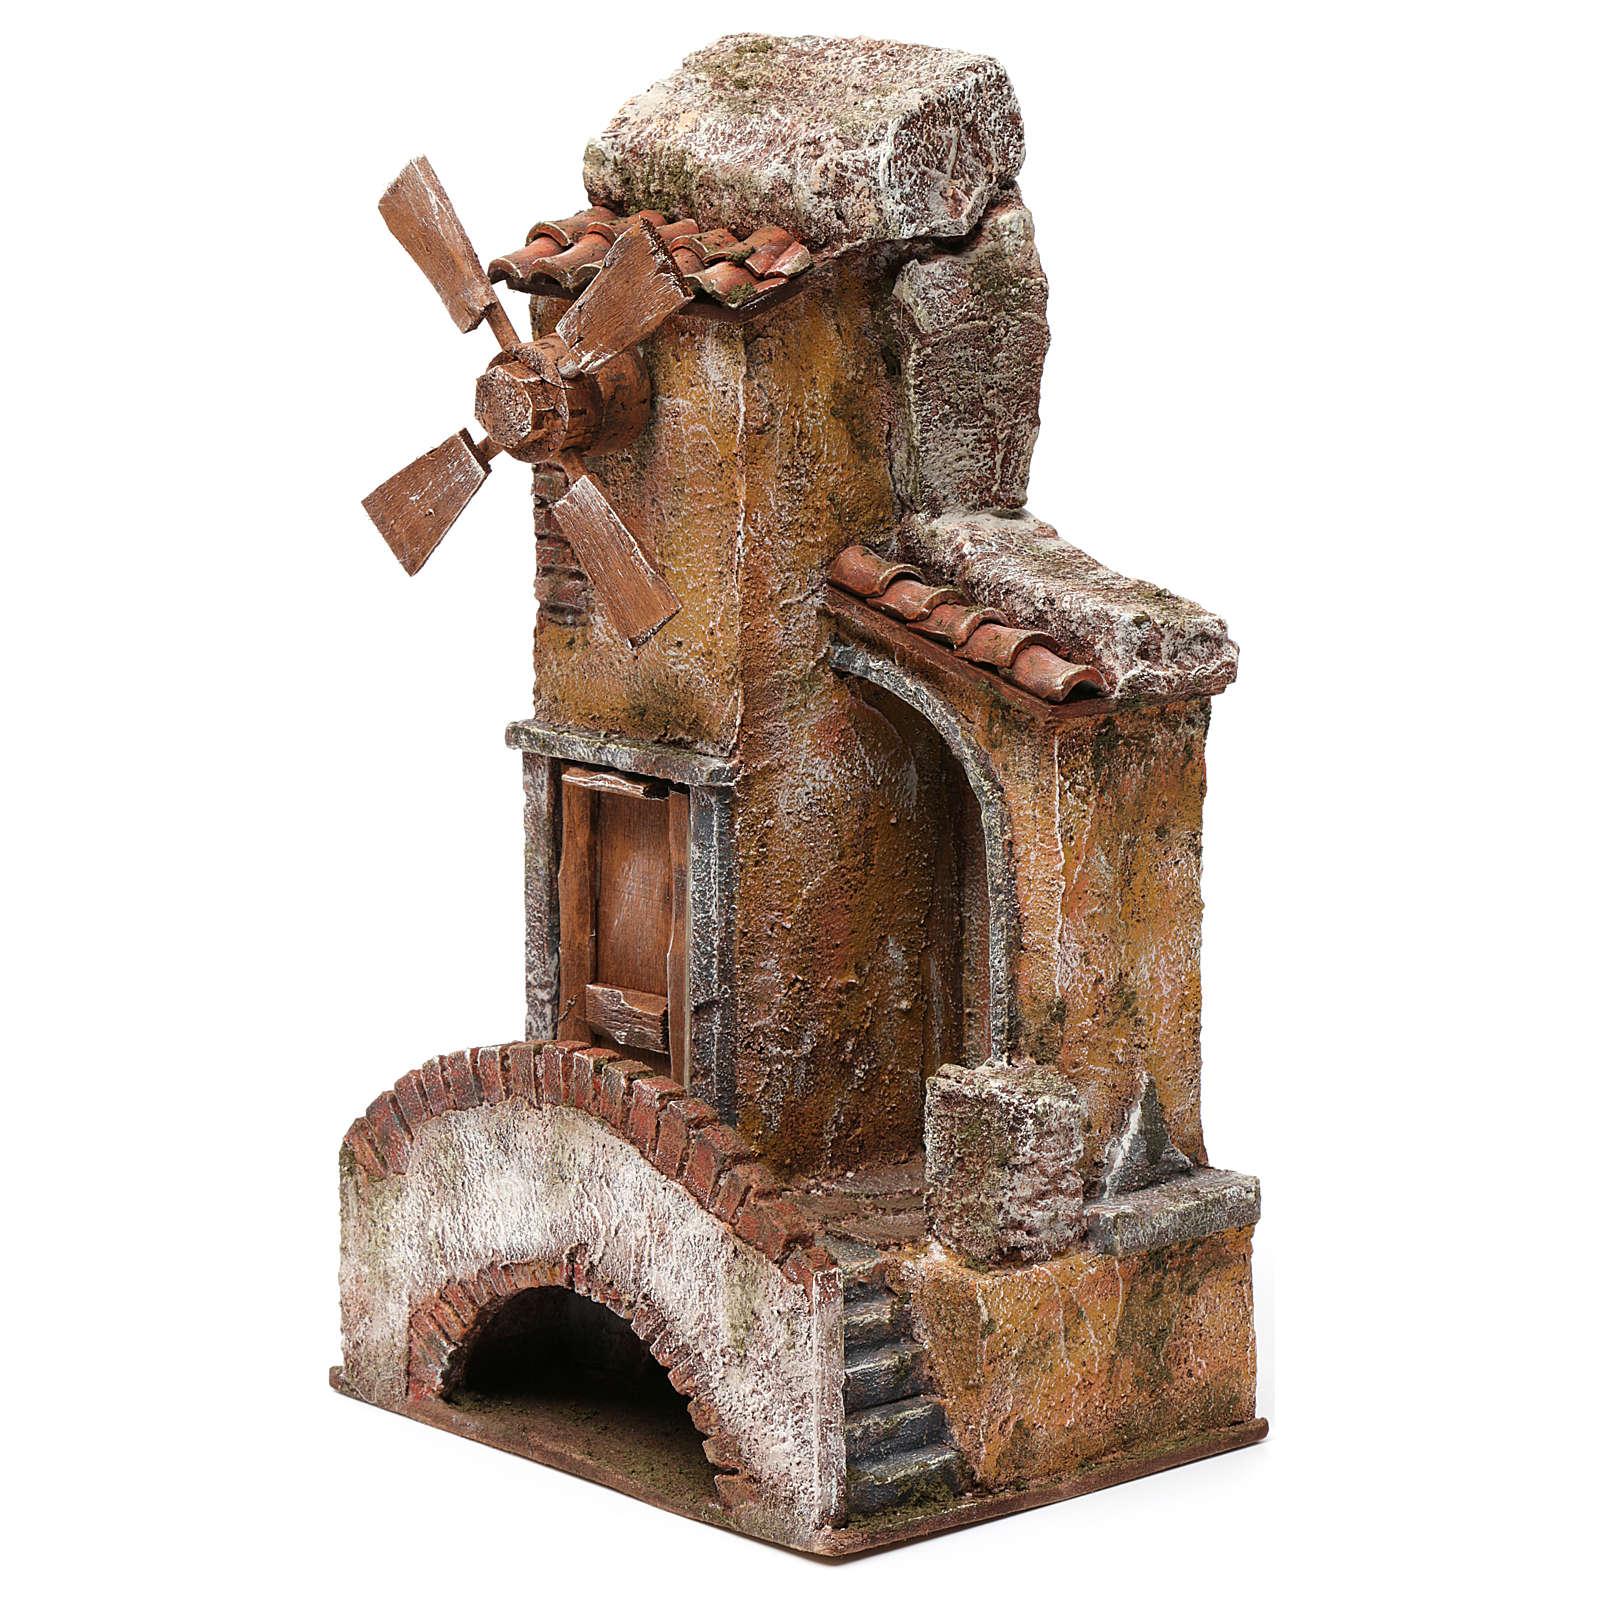 Moulin pour crèche quatre pales avec pont et marches, toit en tuiles 35x15x20 cm 4